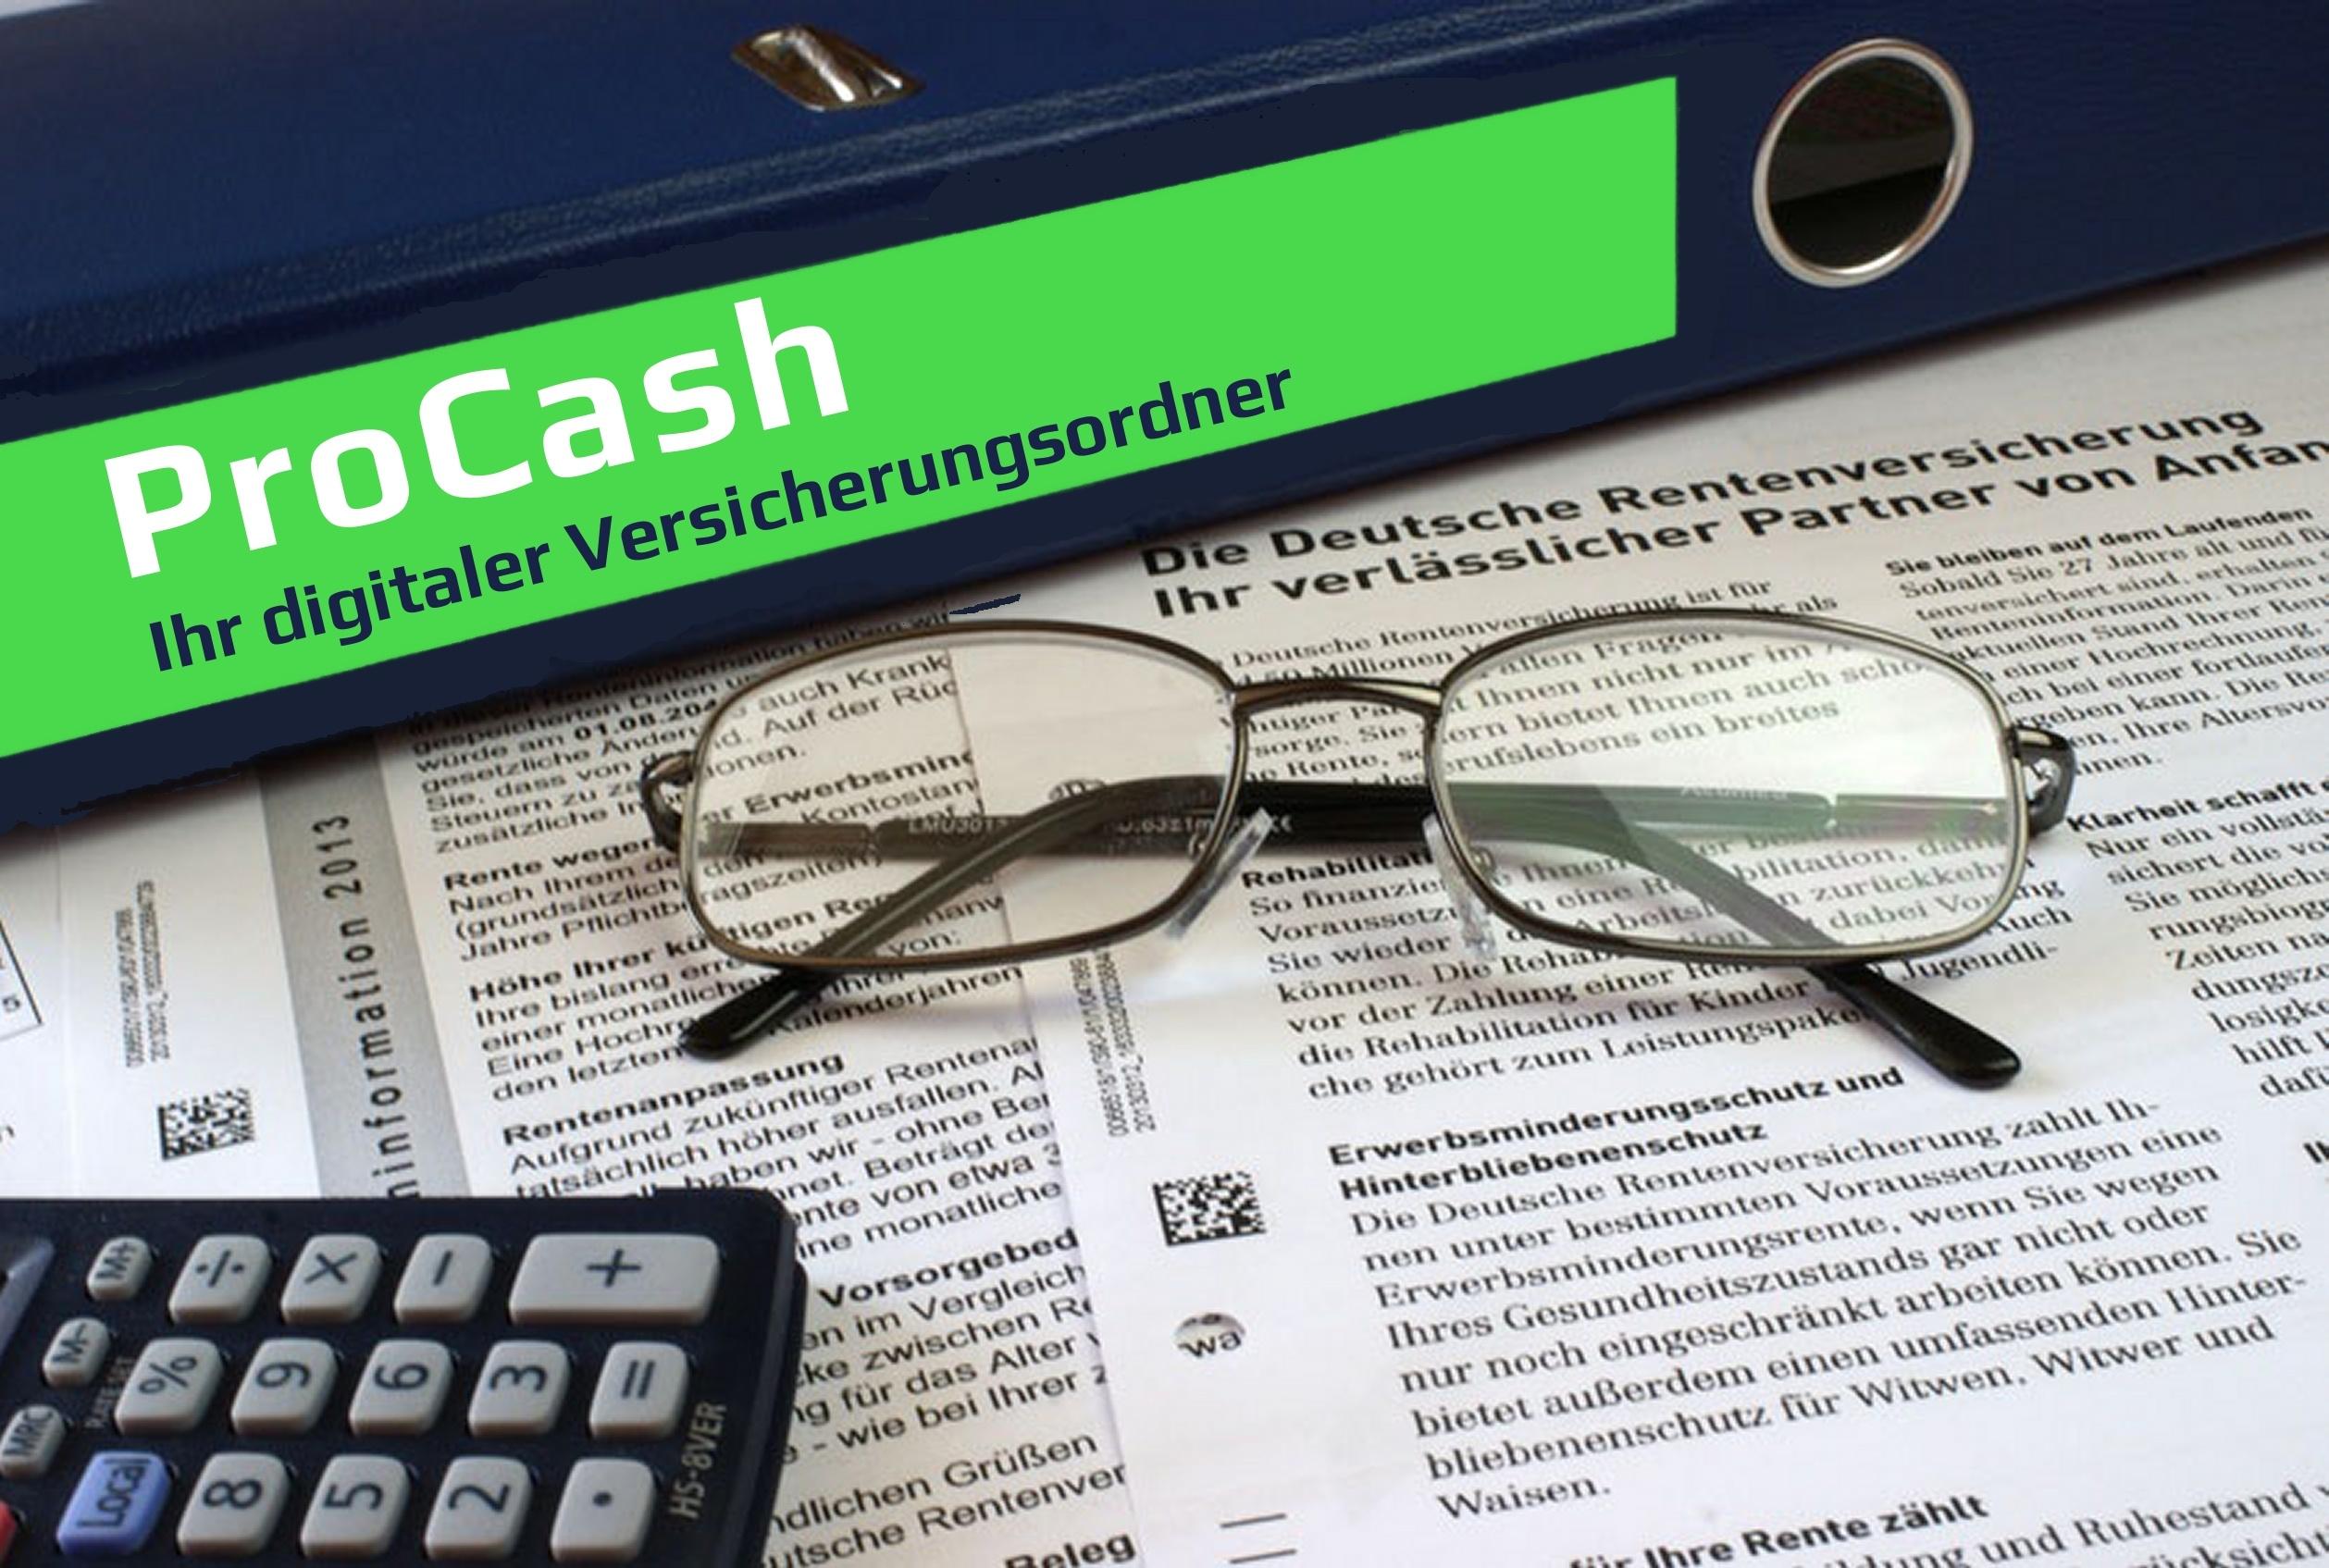 ProCash der digitale Versicherungsordner